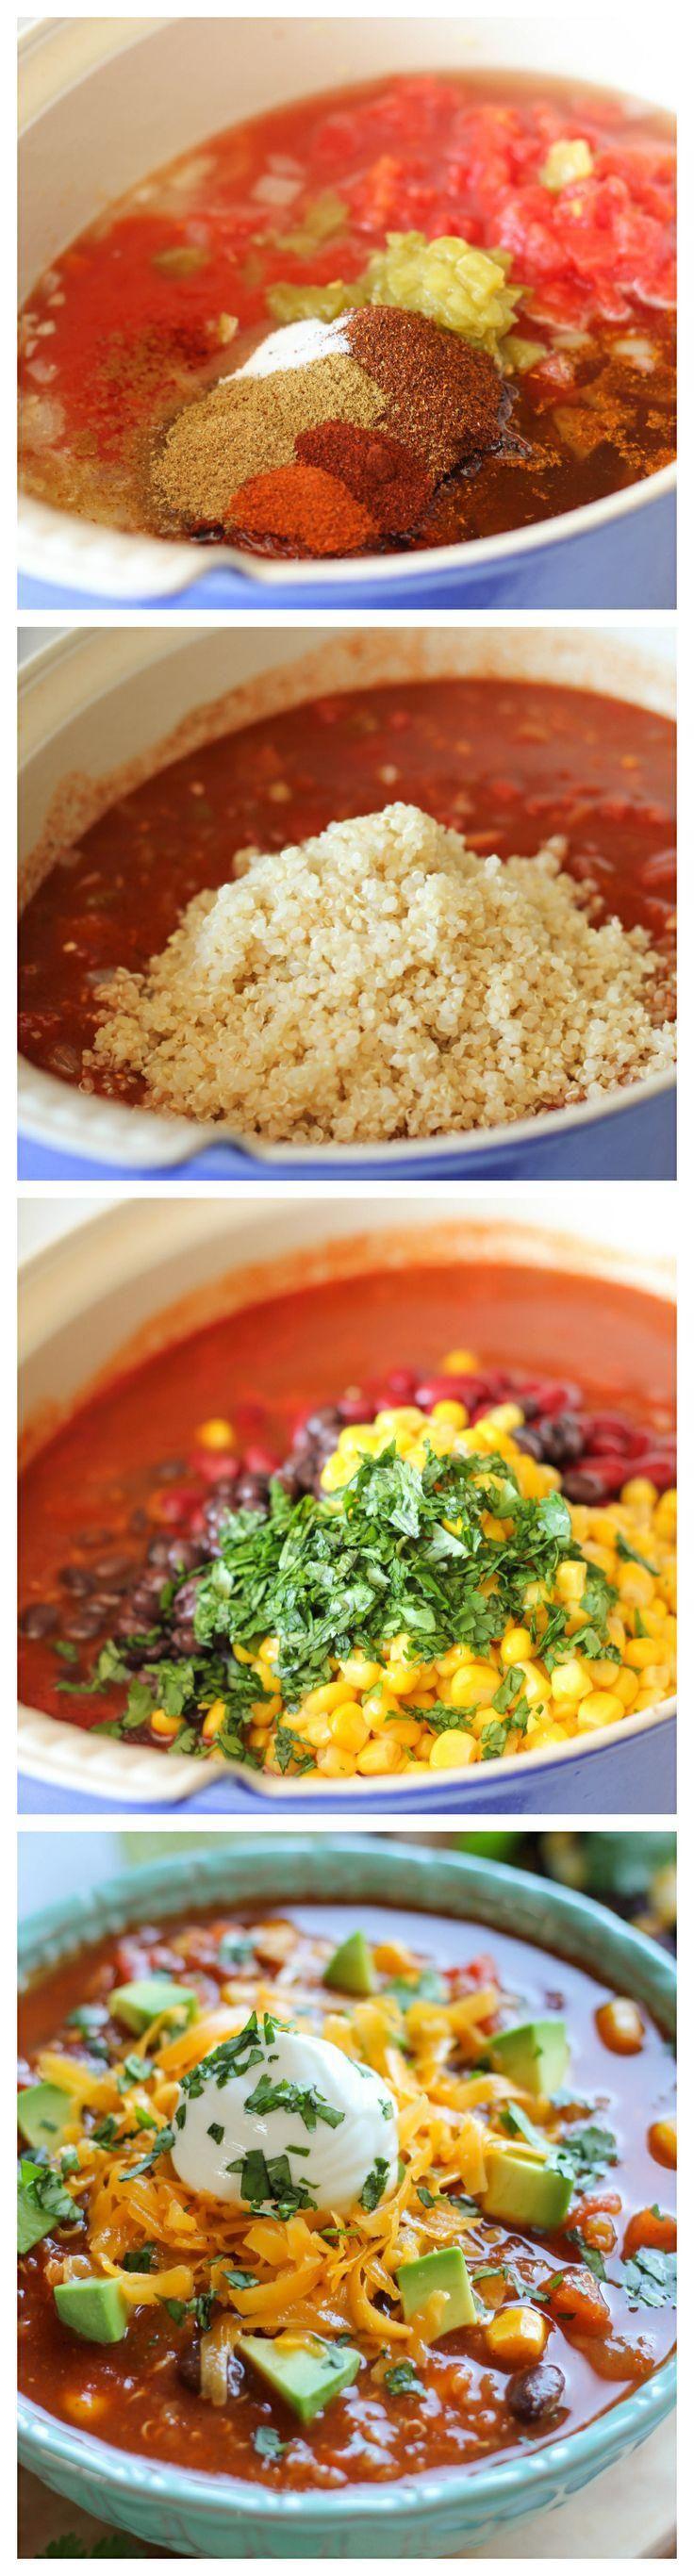 QUINOA CHILI - Love with recipe